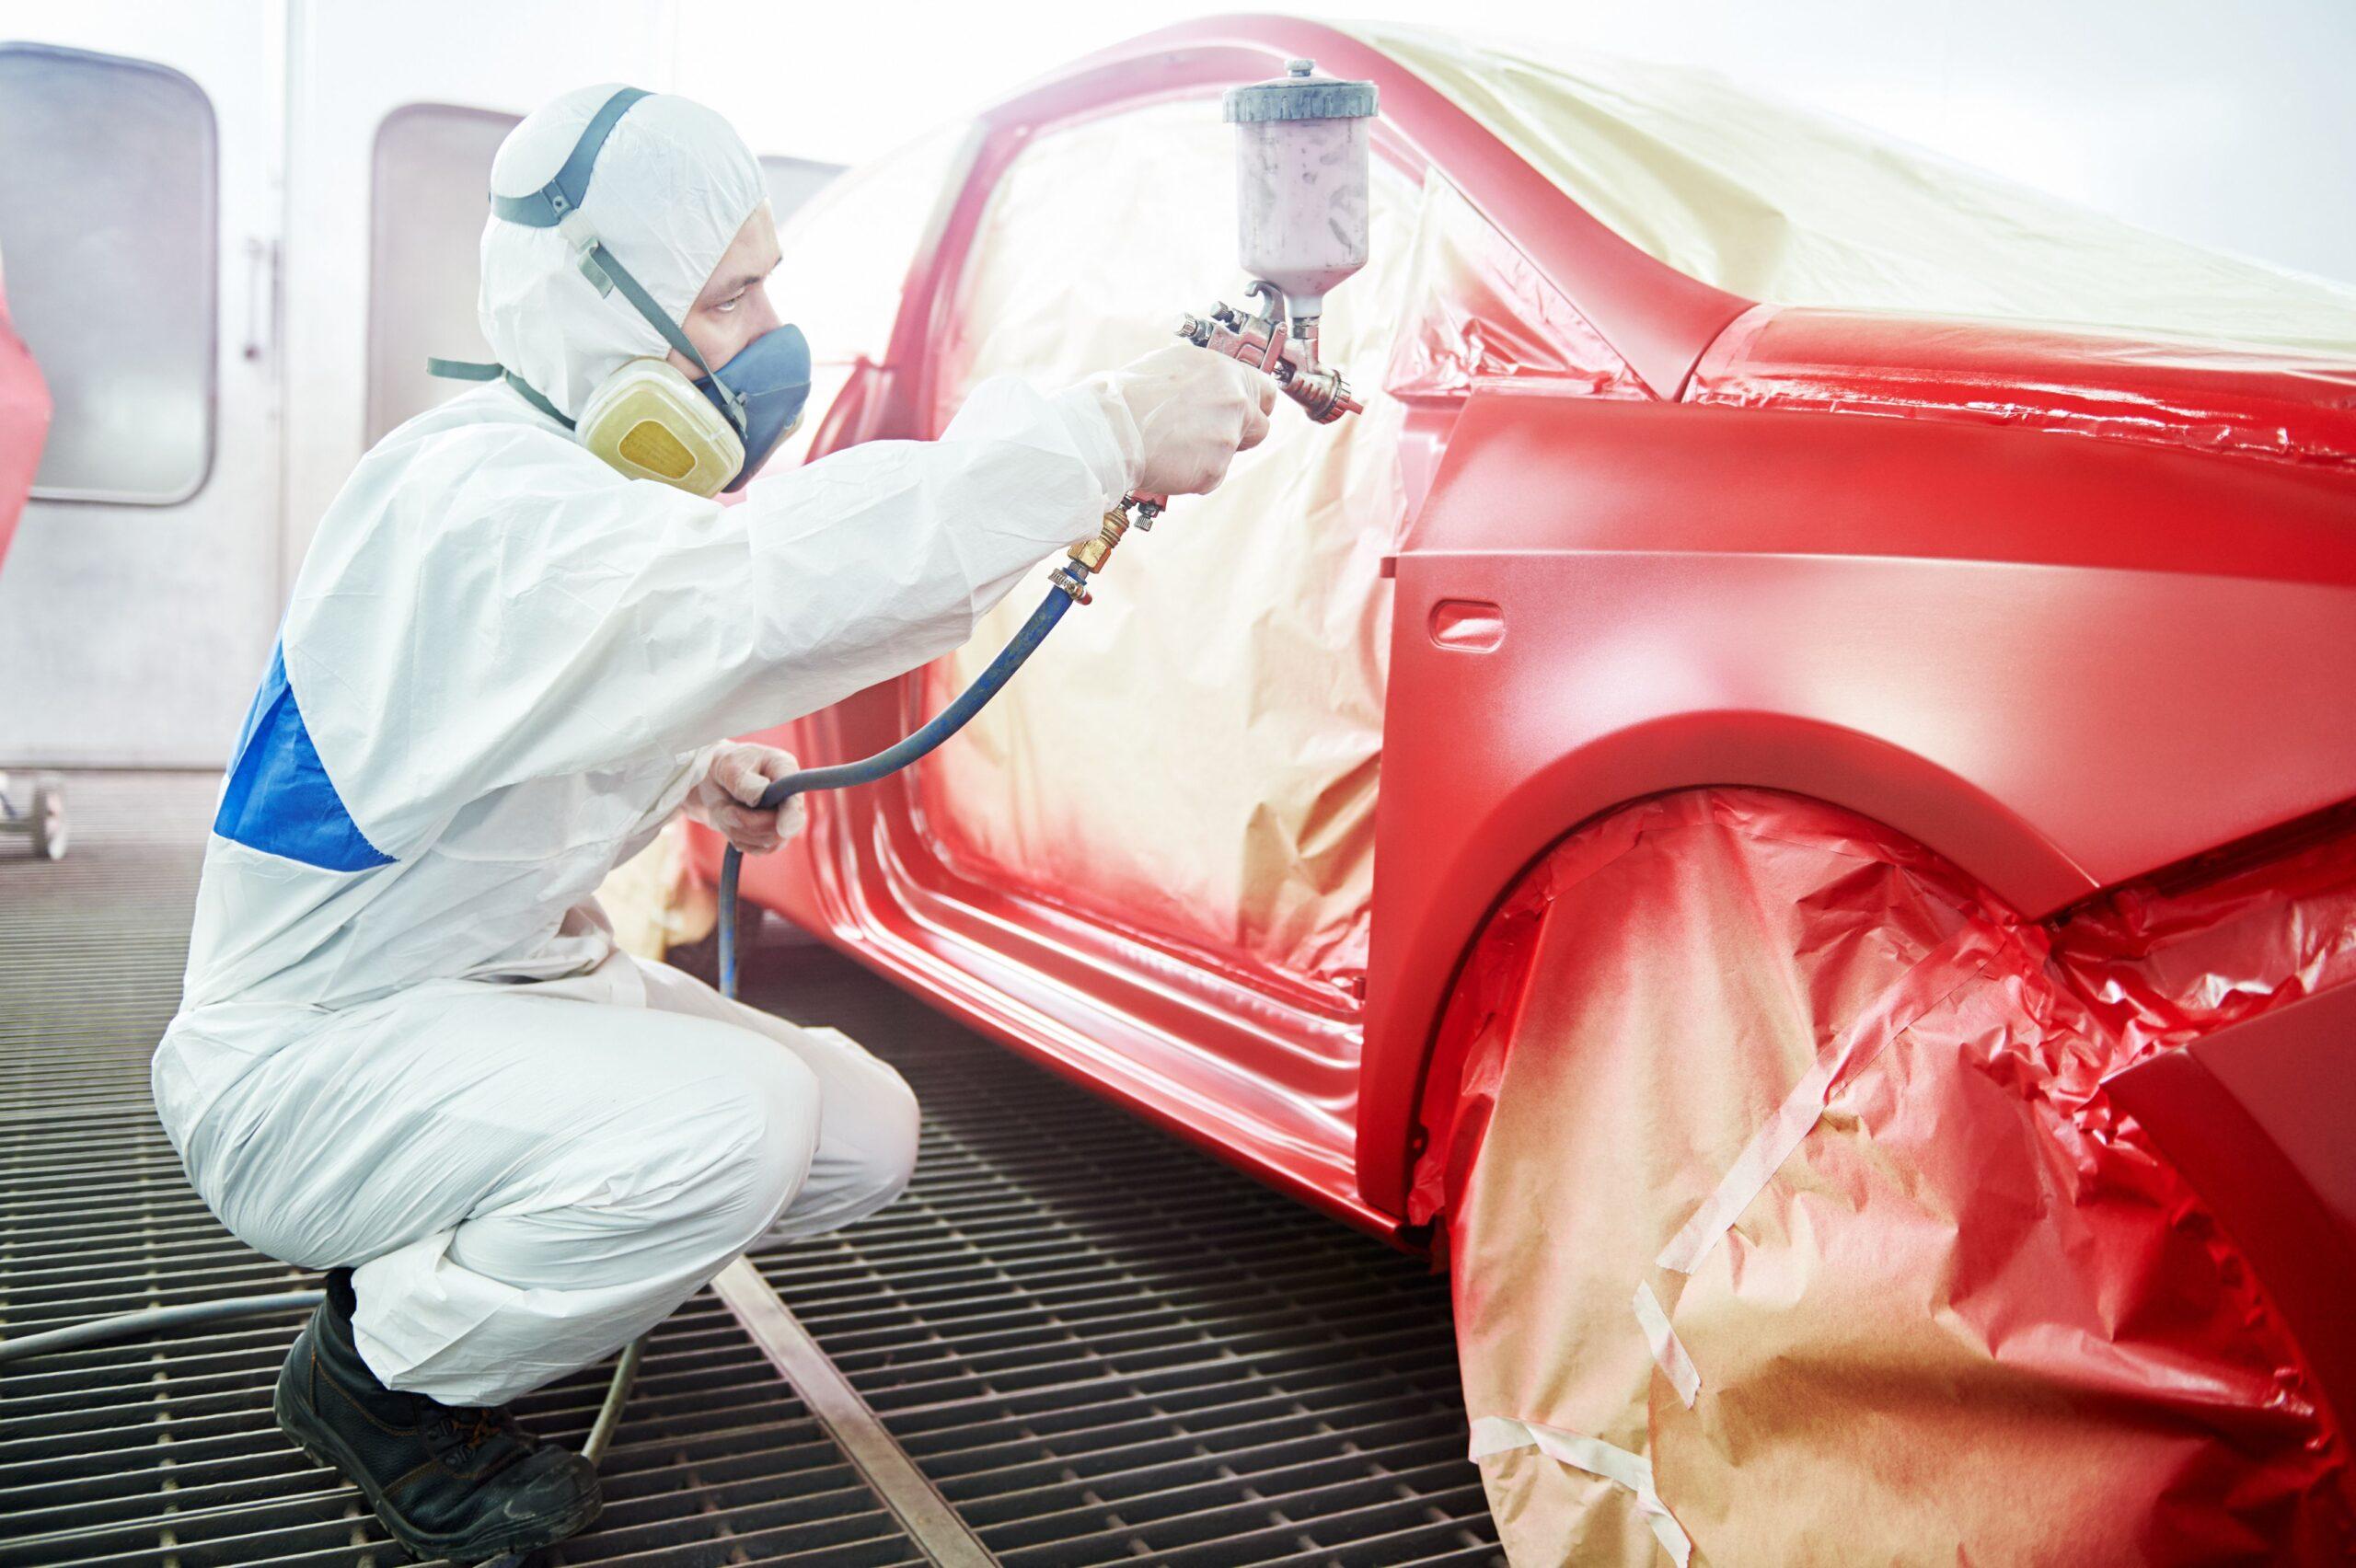 lakierowanie samochodu na kolor czerwony